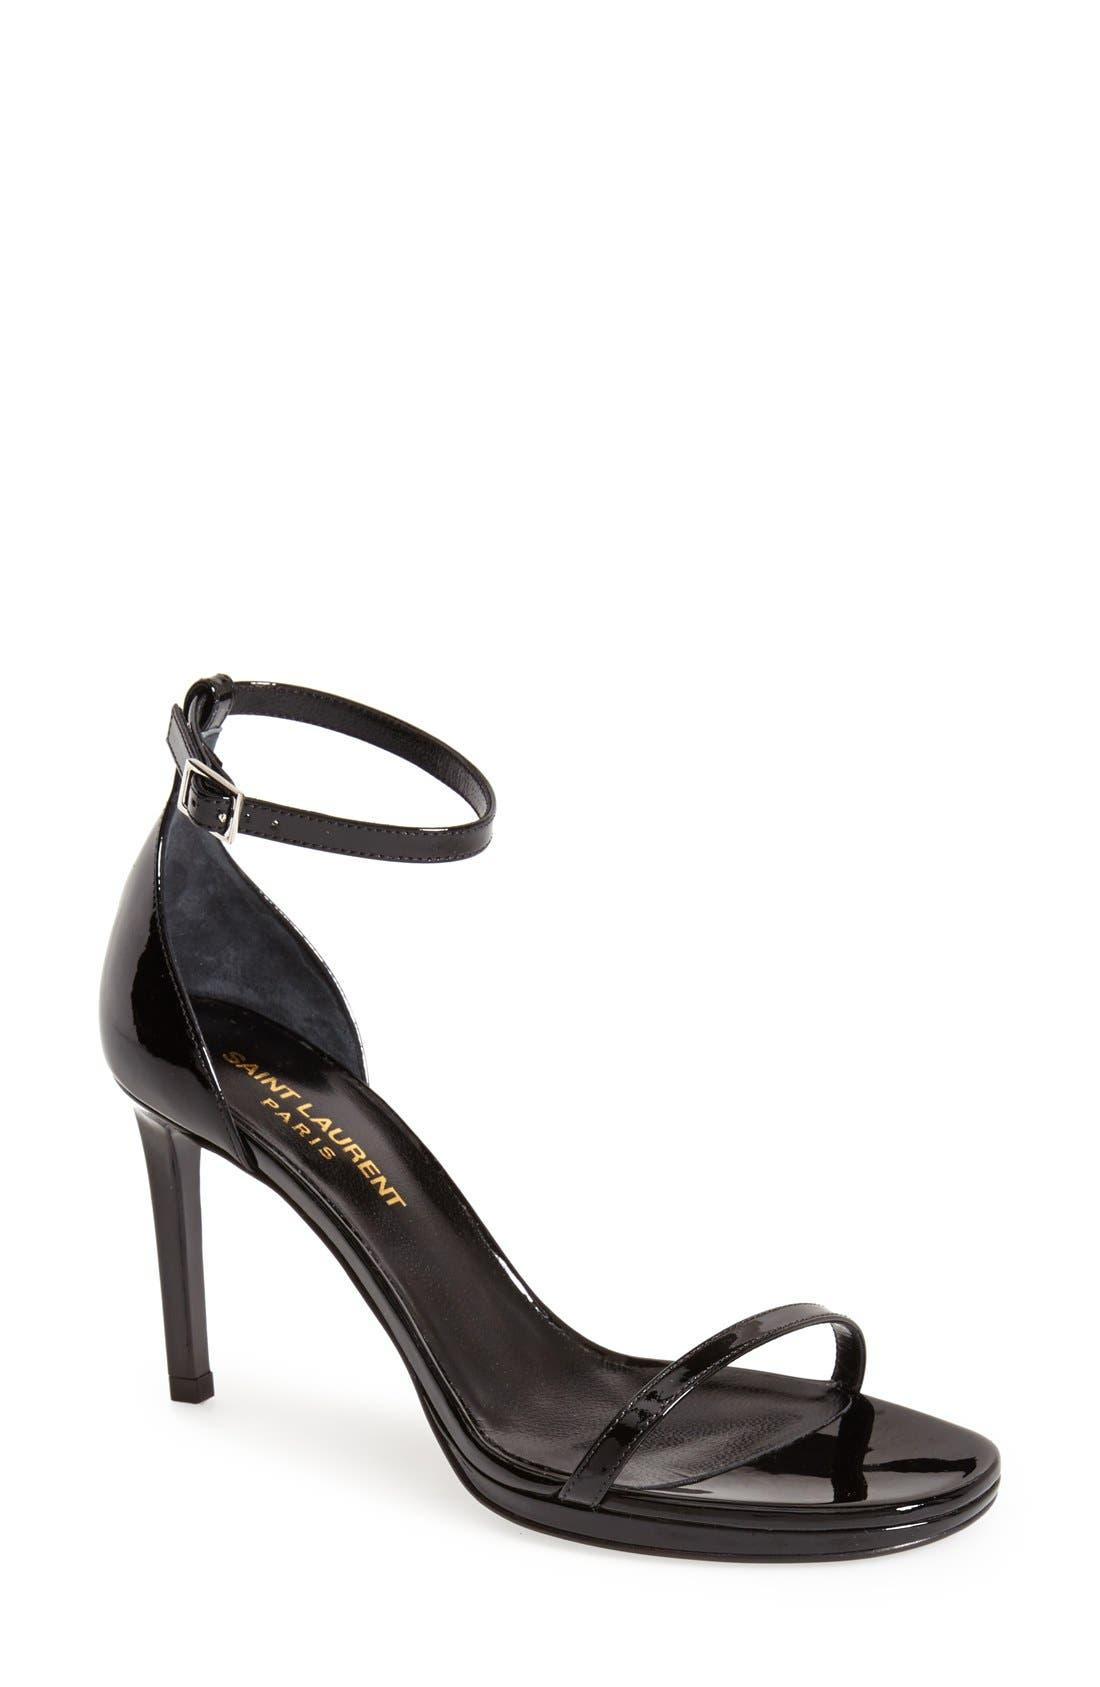 SAINT LAURENT, 'Jane' Ankle Strap Sandal, Main thumbnail 1, color, 001